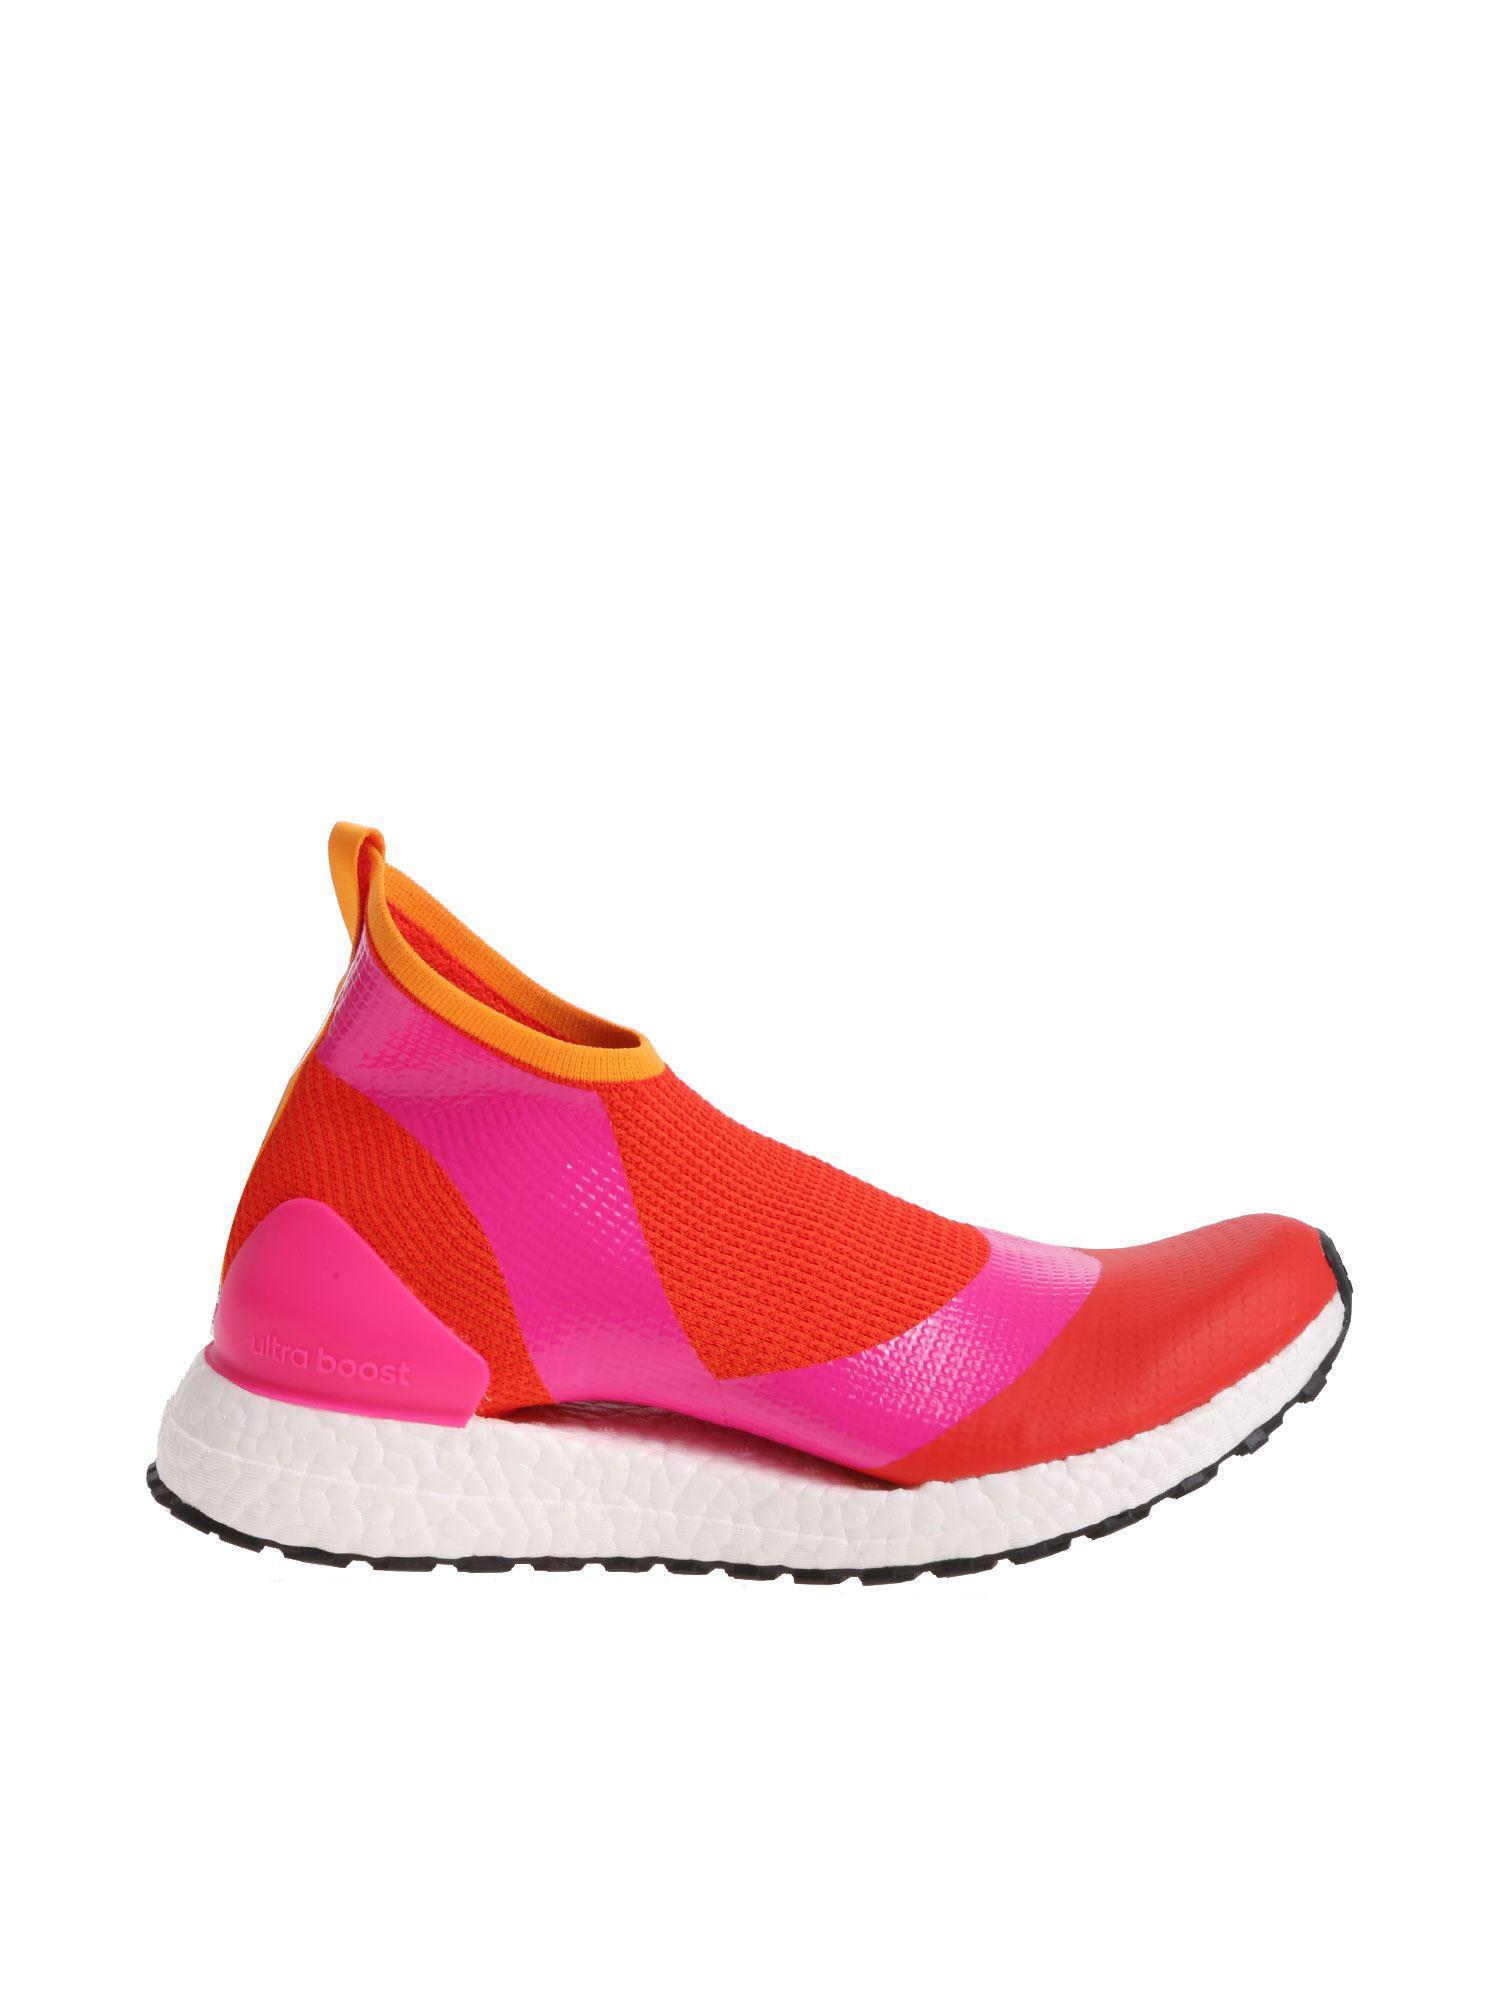 buy online 84f2a 807a6 Women's Red Ultraboost X All Terrain Sneakers